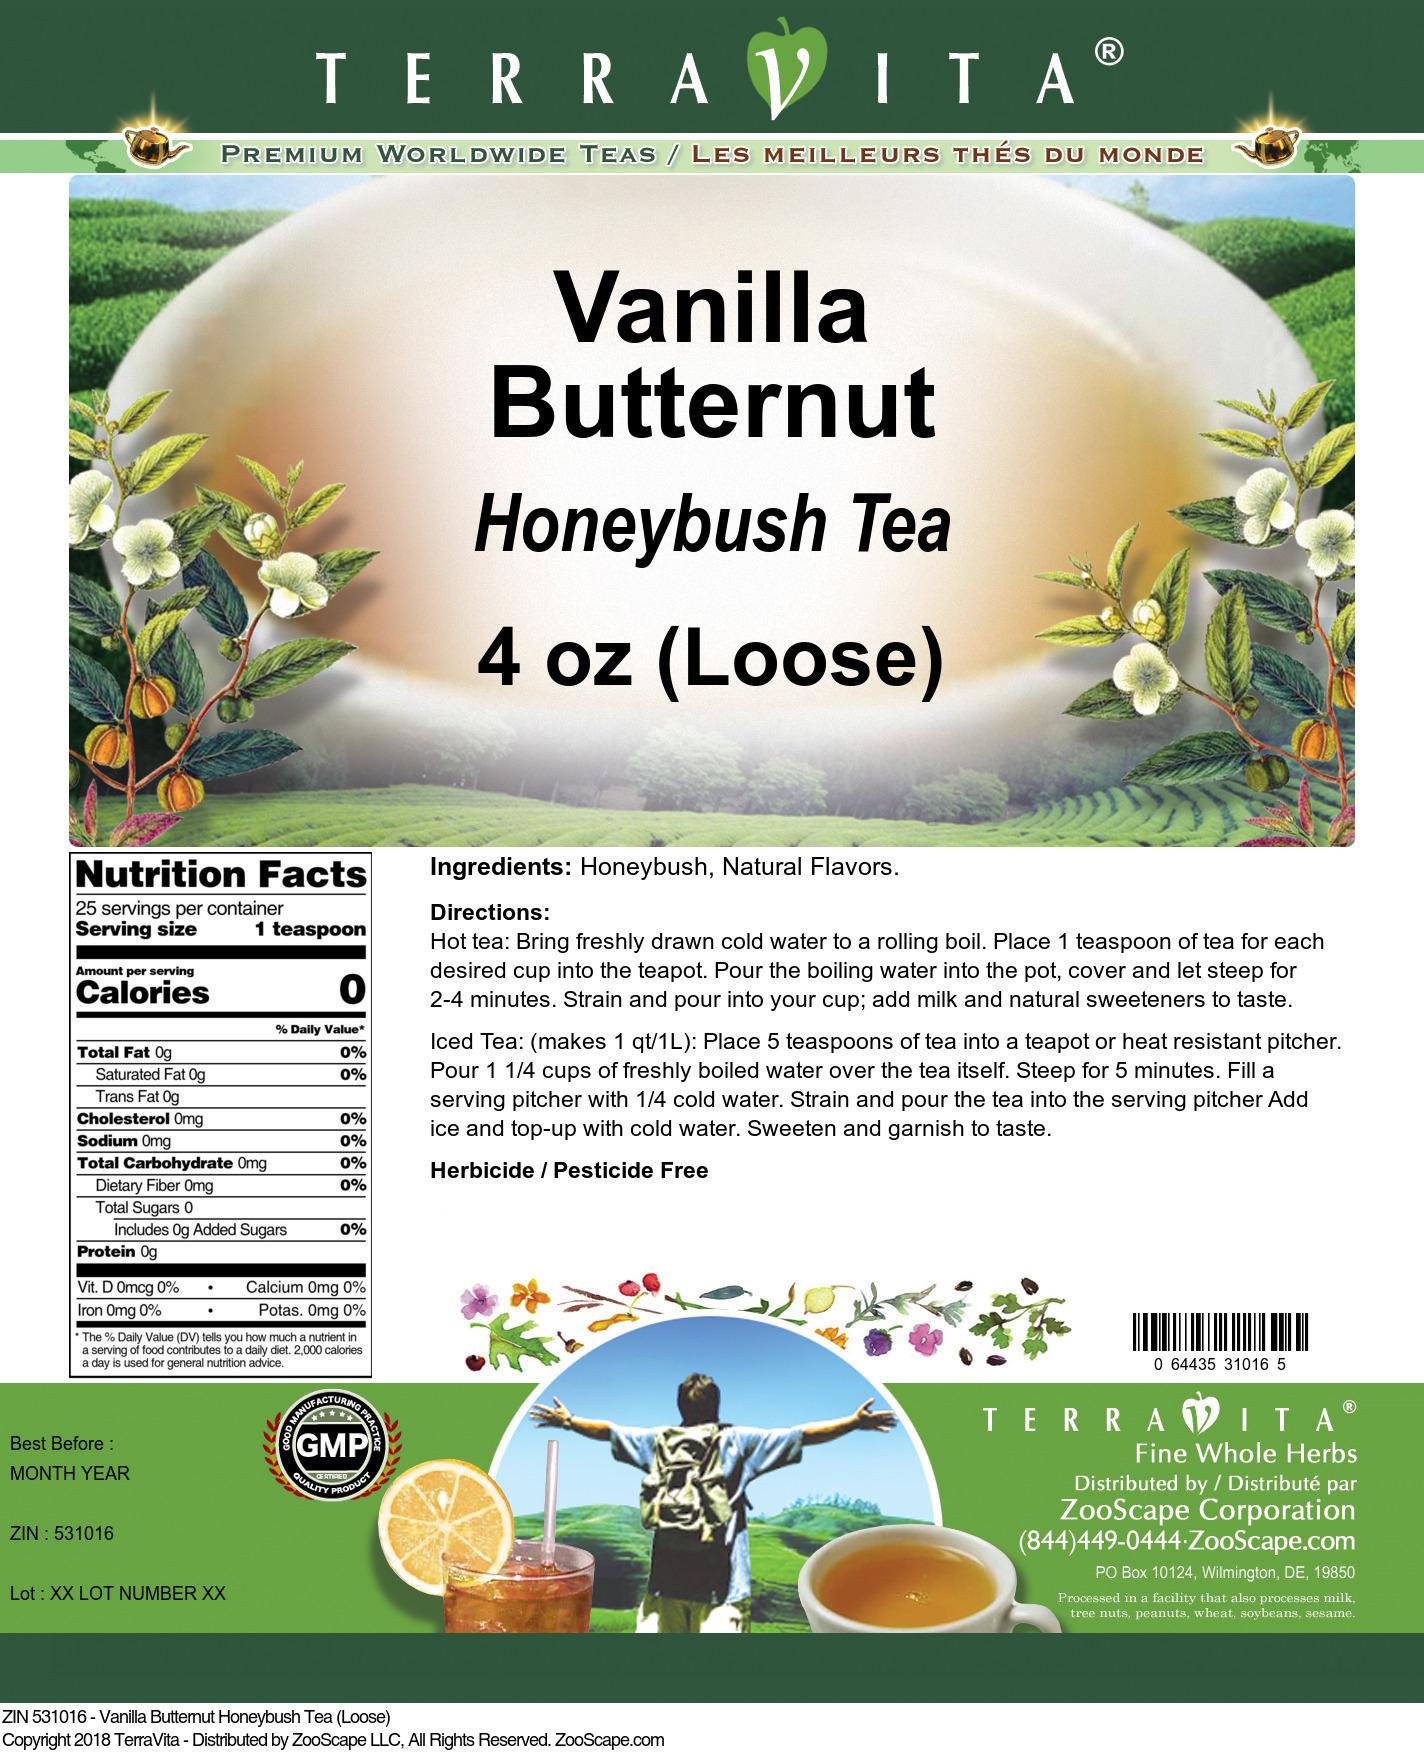 Vanilla Butternut Honeybush Tea (Loose)